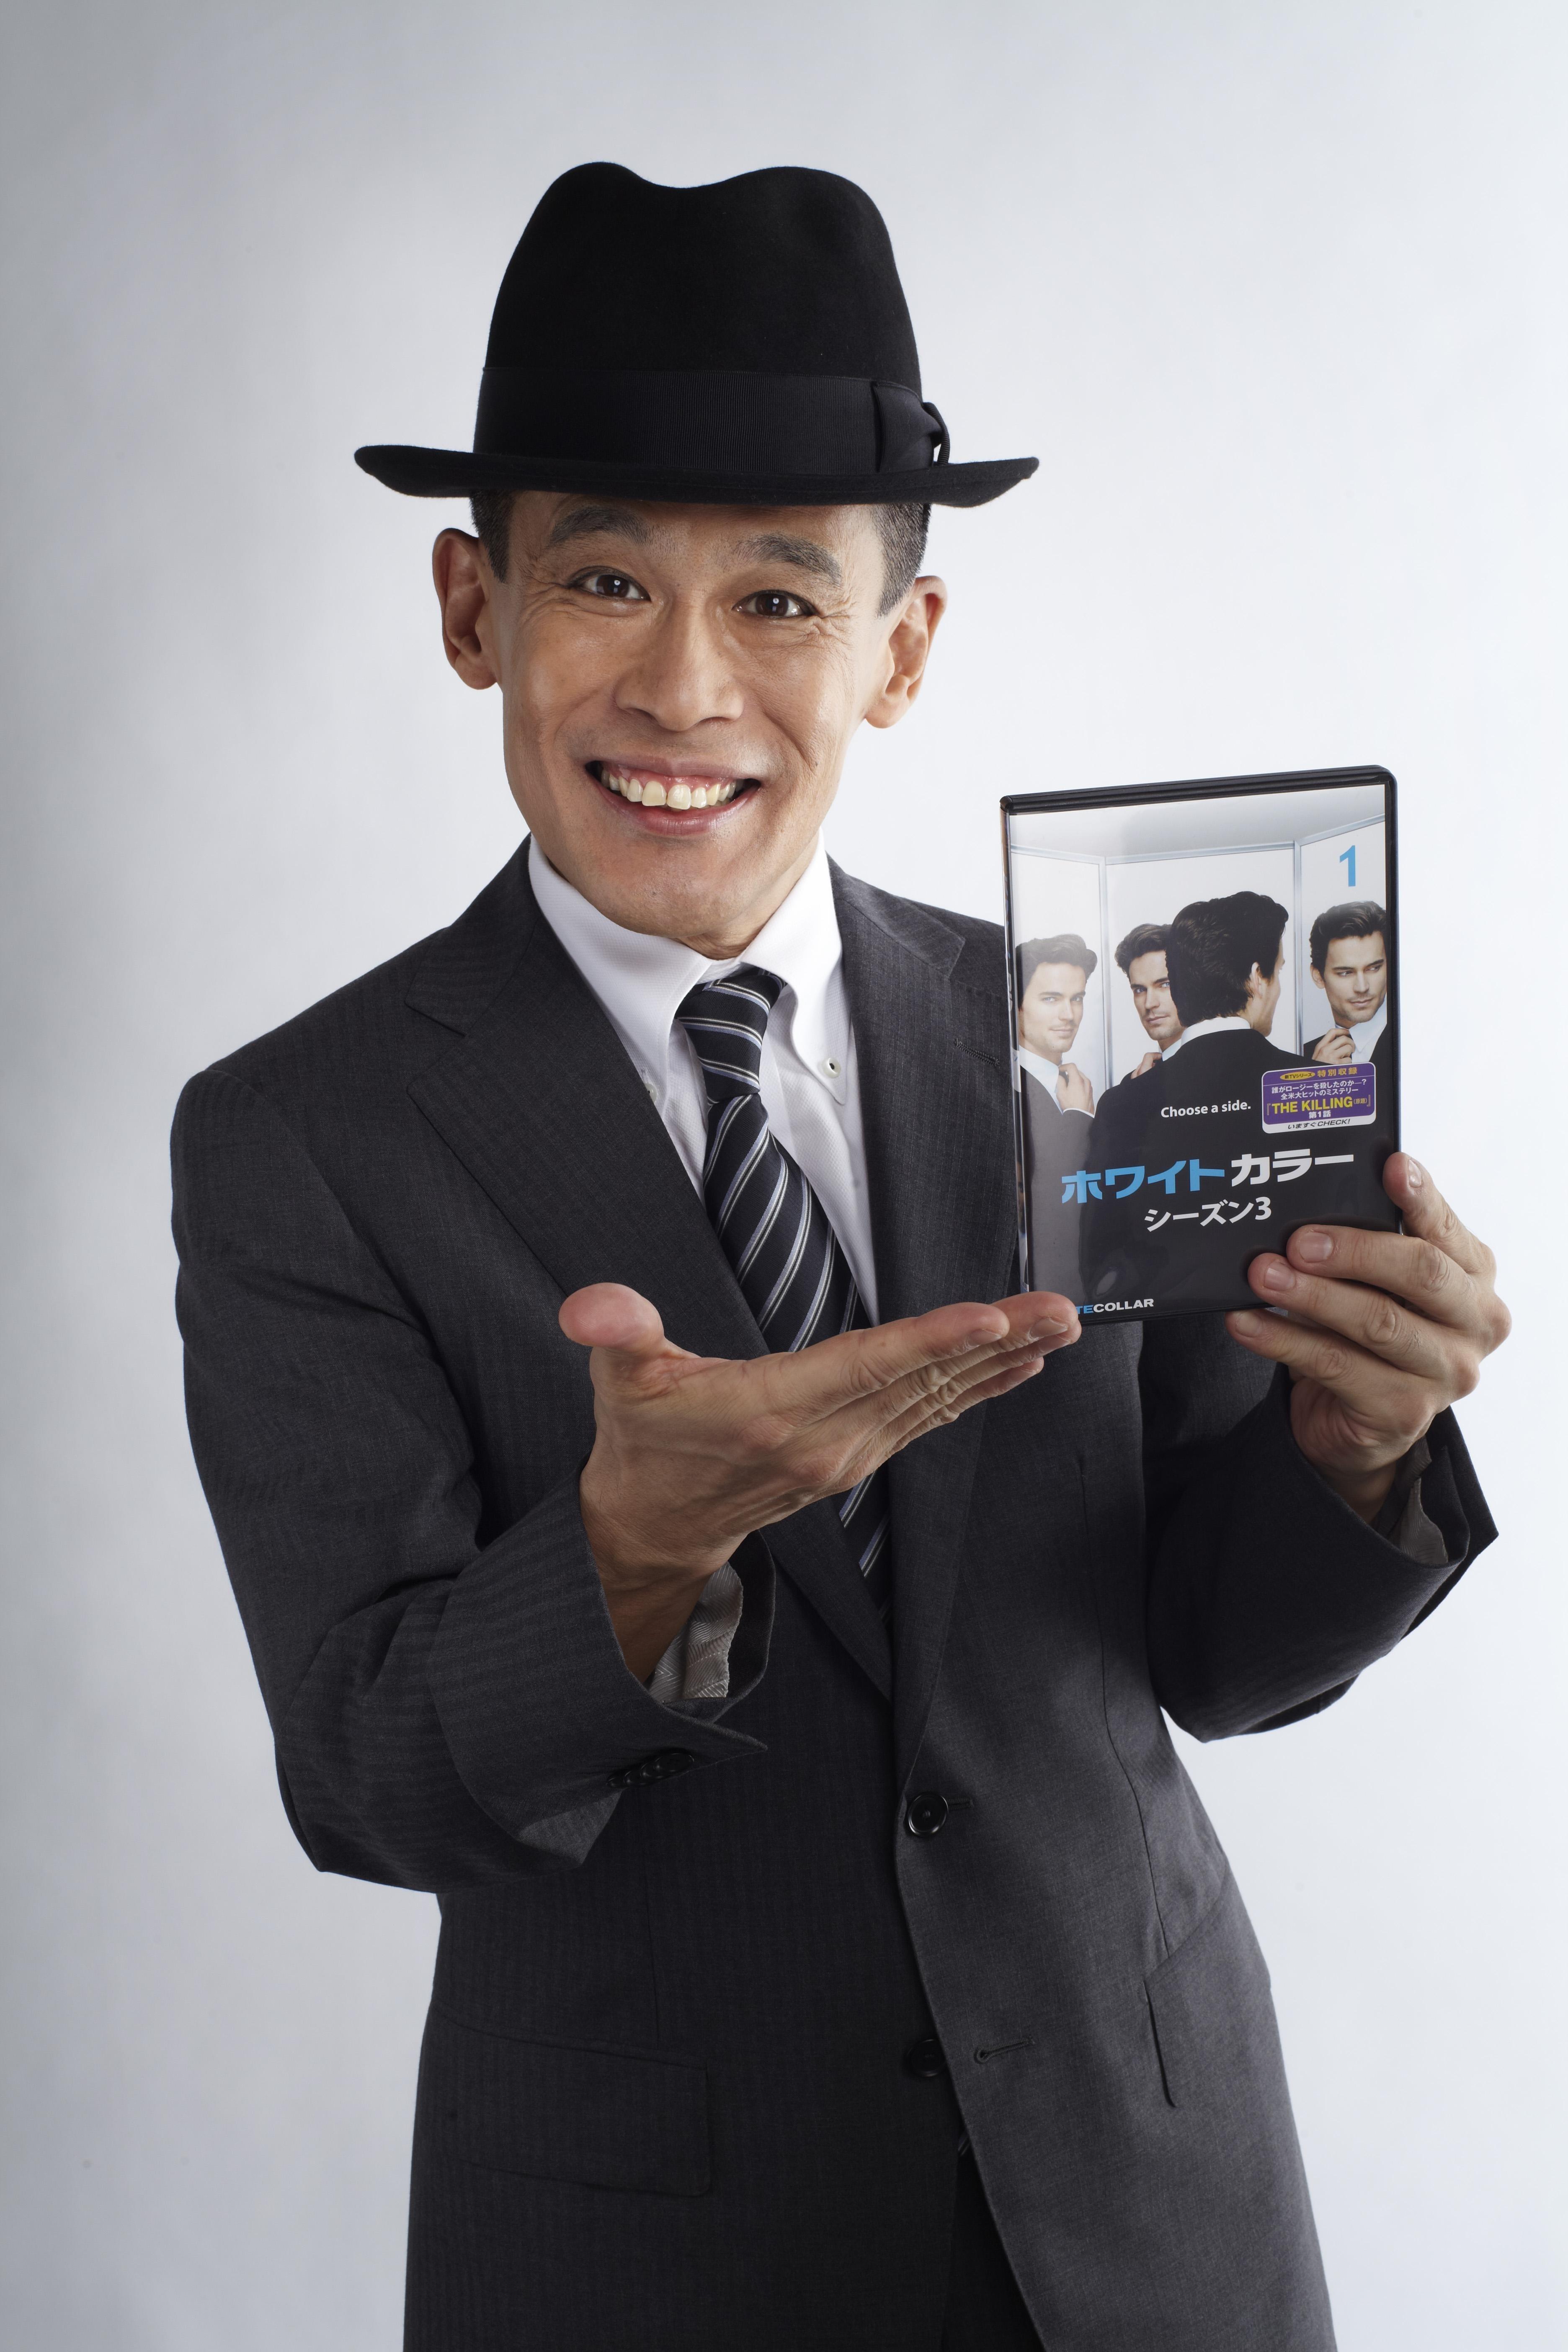 柳沢慎吾、米ドラマ「ホワイトカラー」CMでシーズン2も「見ろよ!」